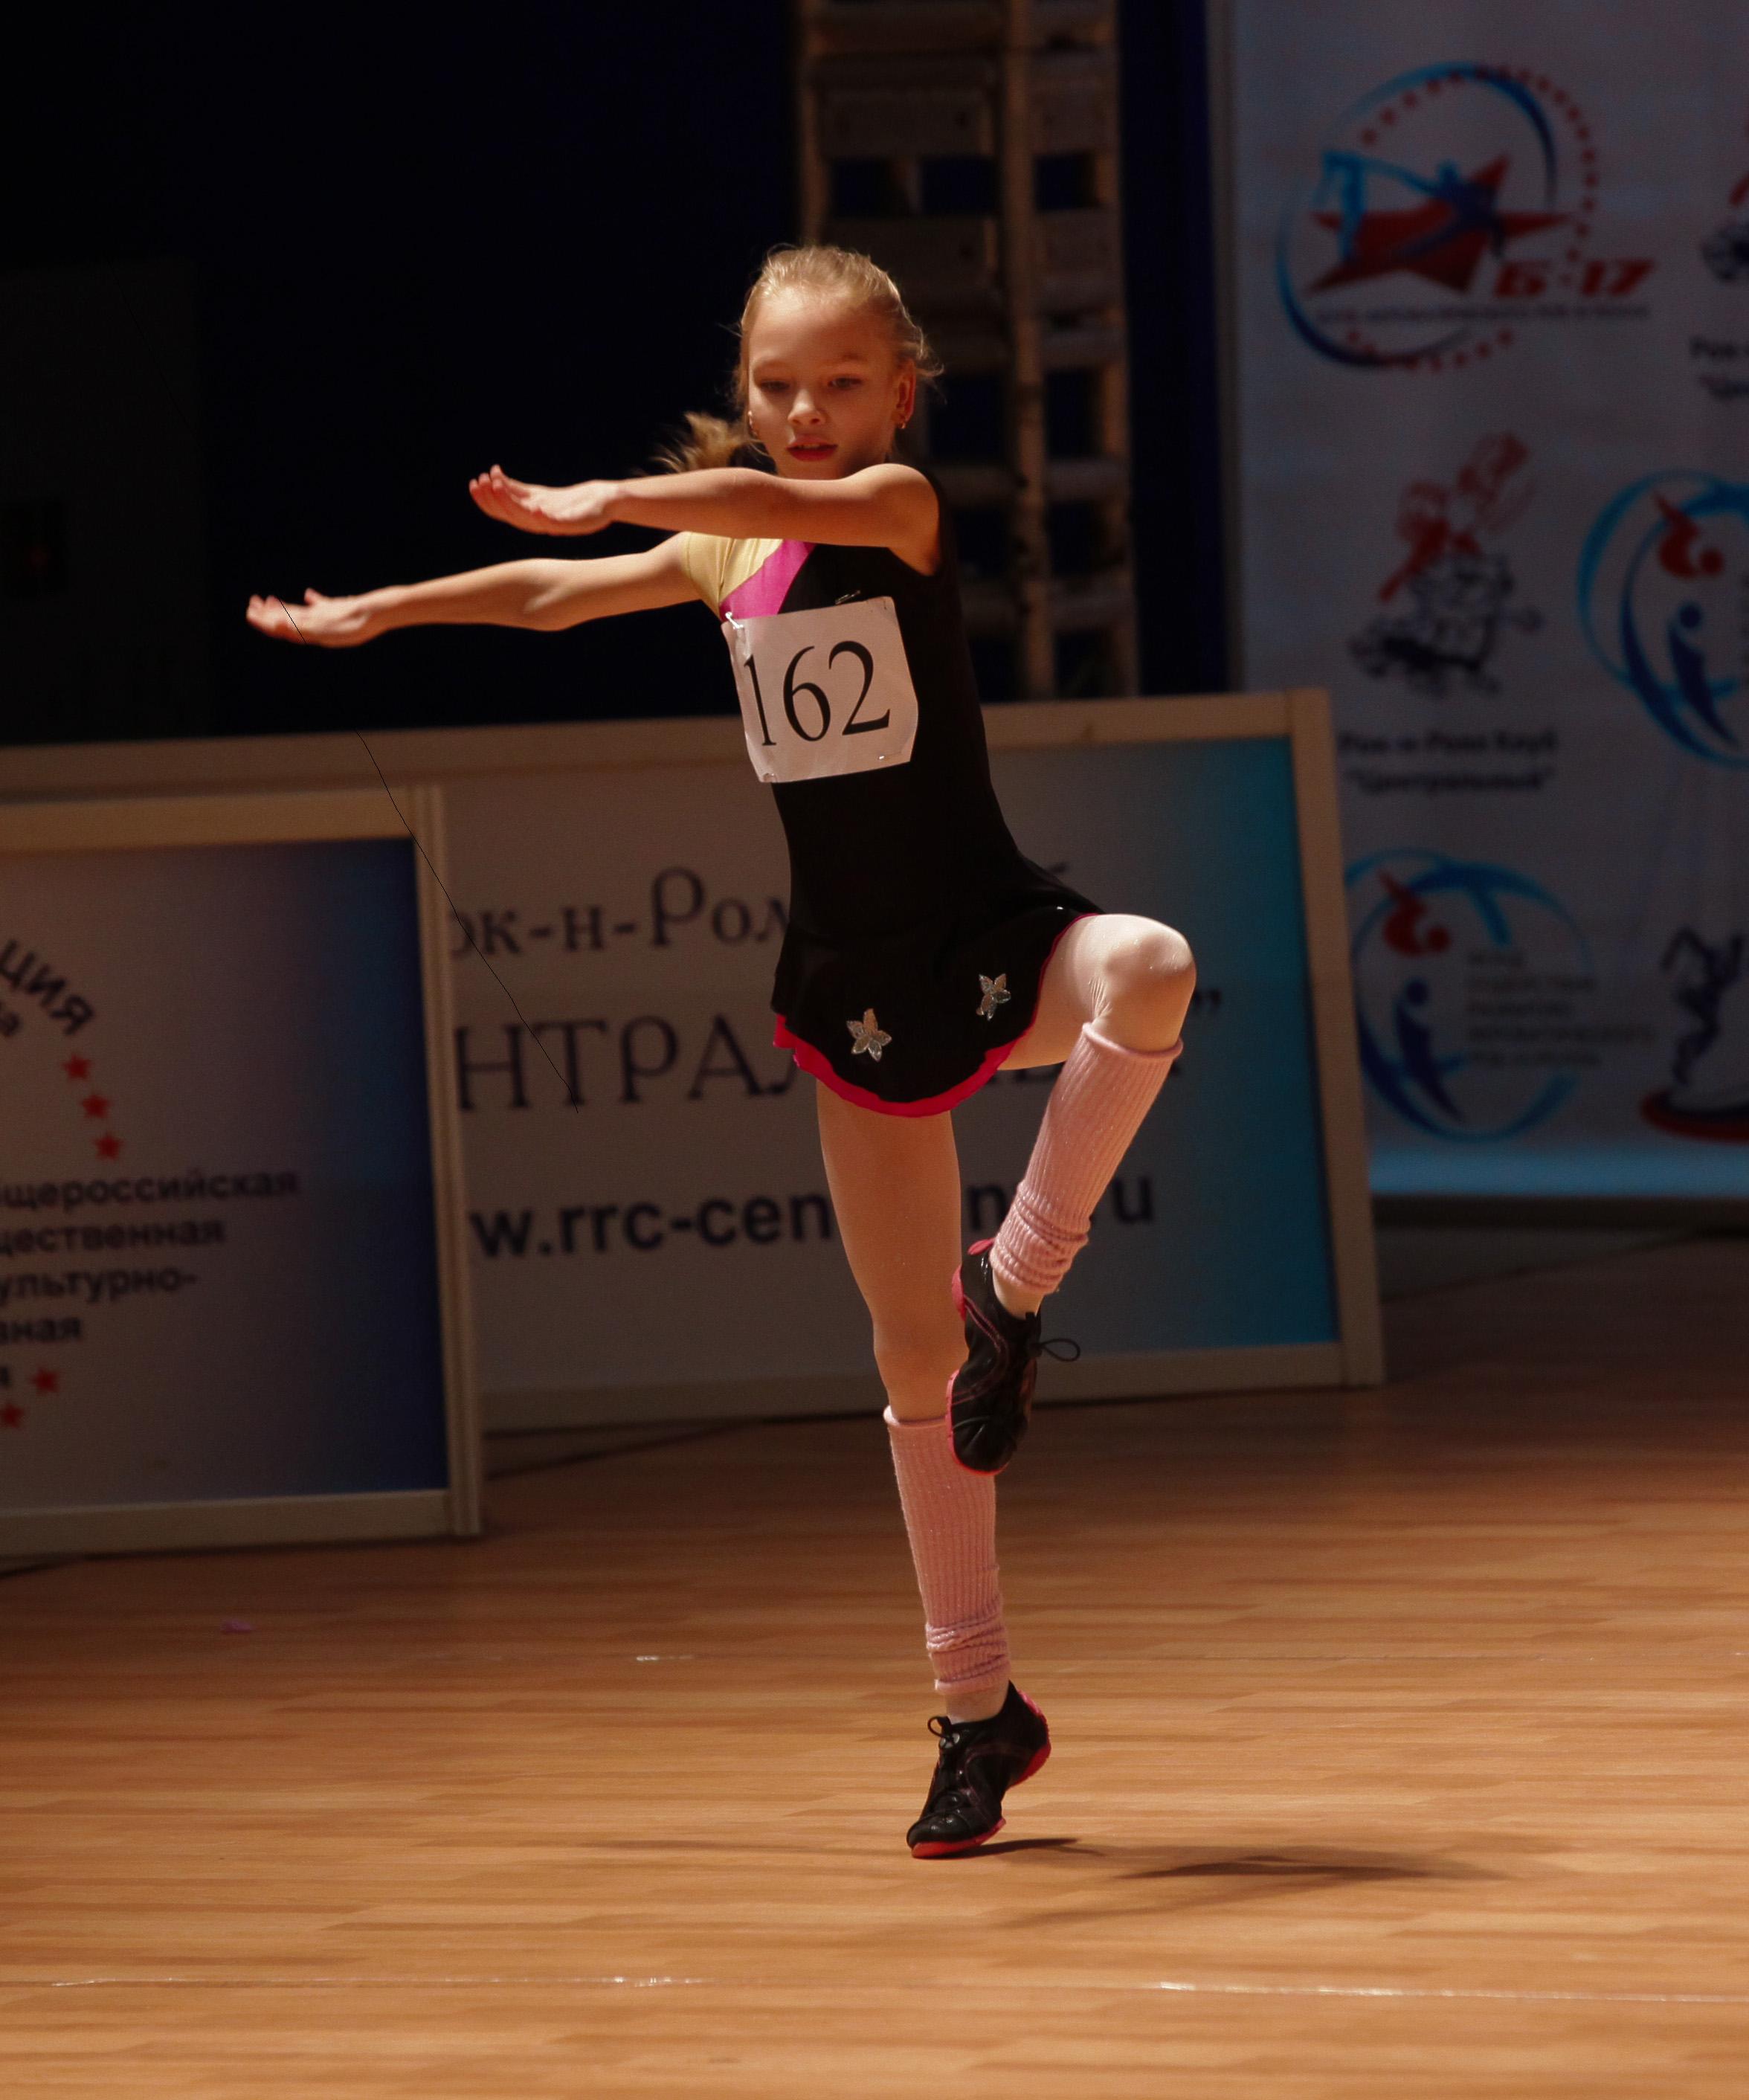 Соревнование.... Танцуй, пока молодой!